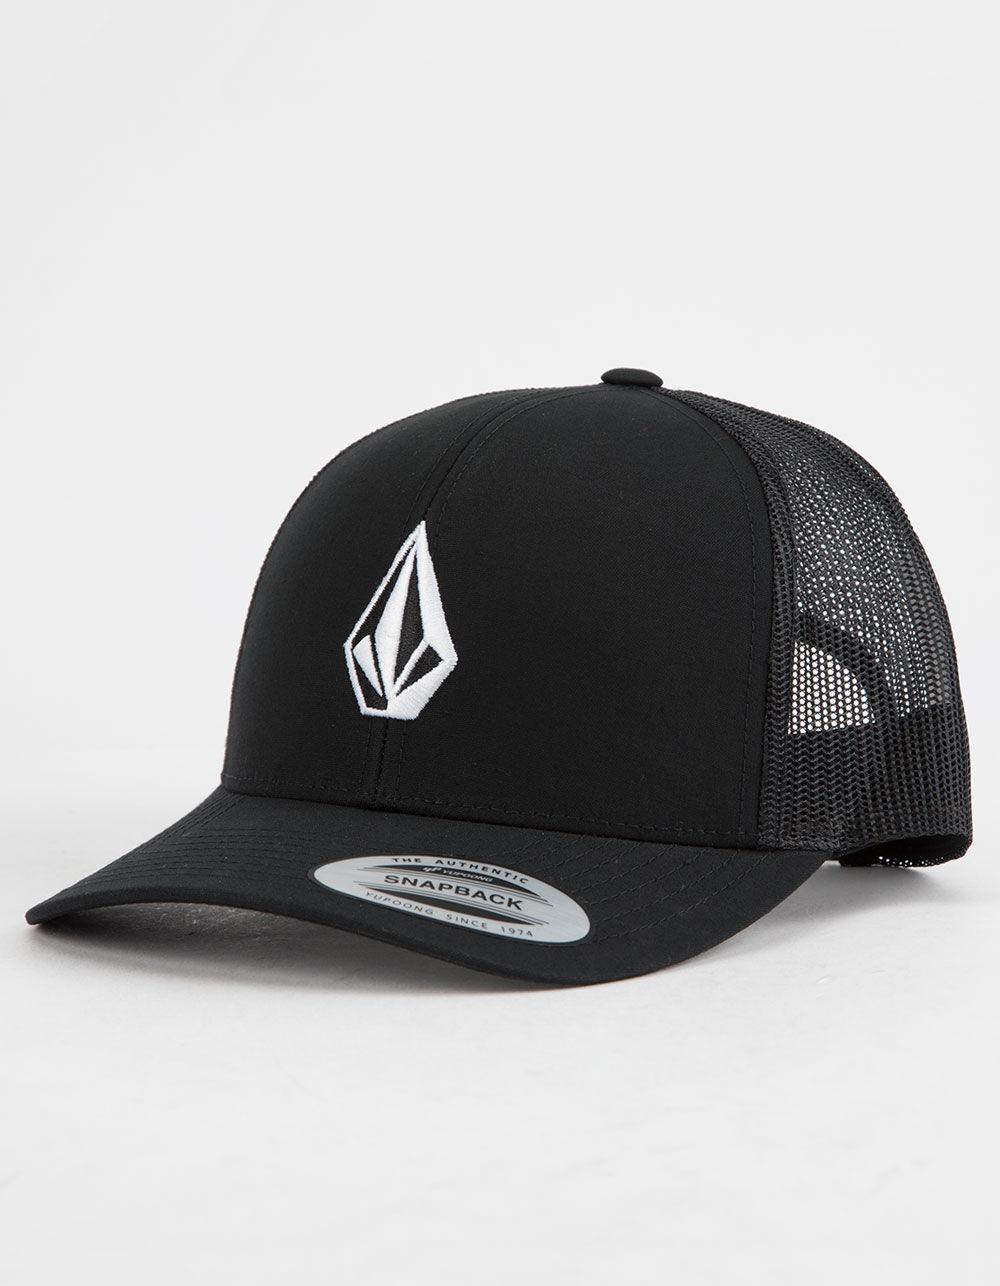 VOLCOM Full Stone Cheese Black Trucker Hat